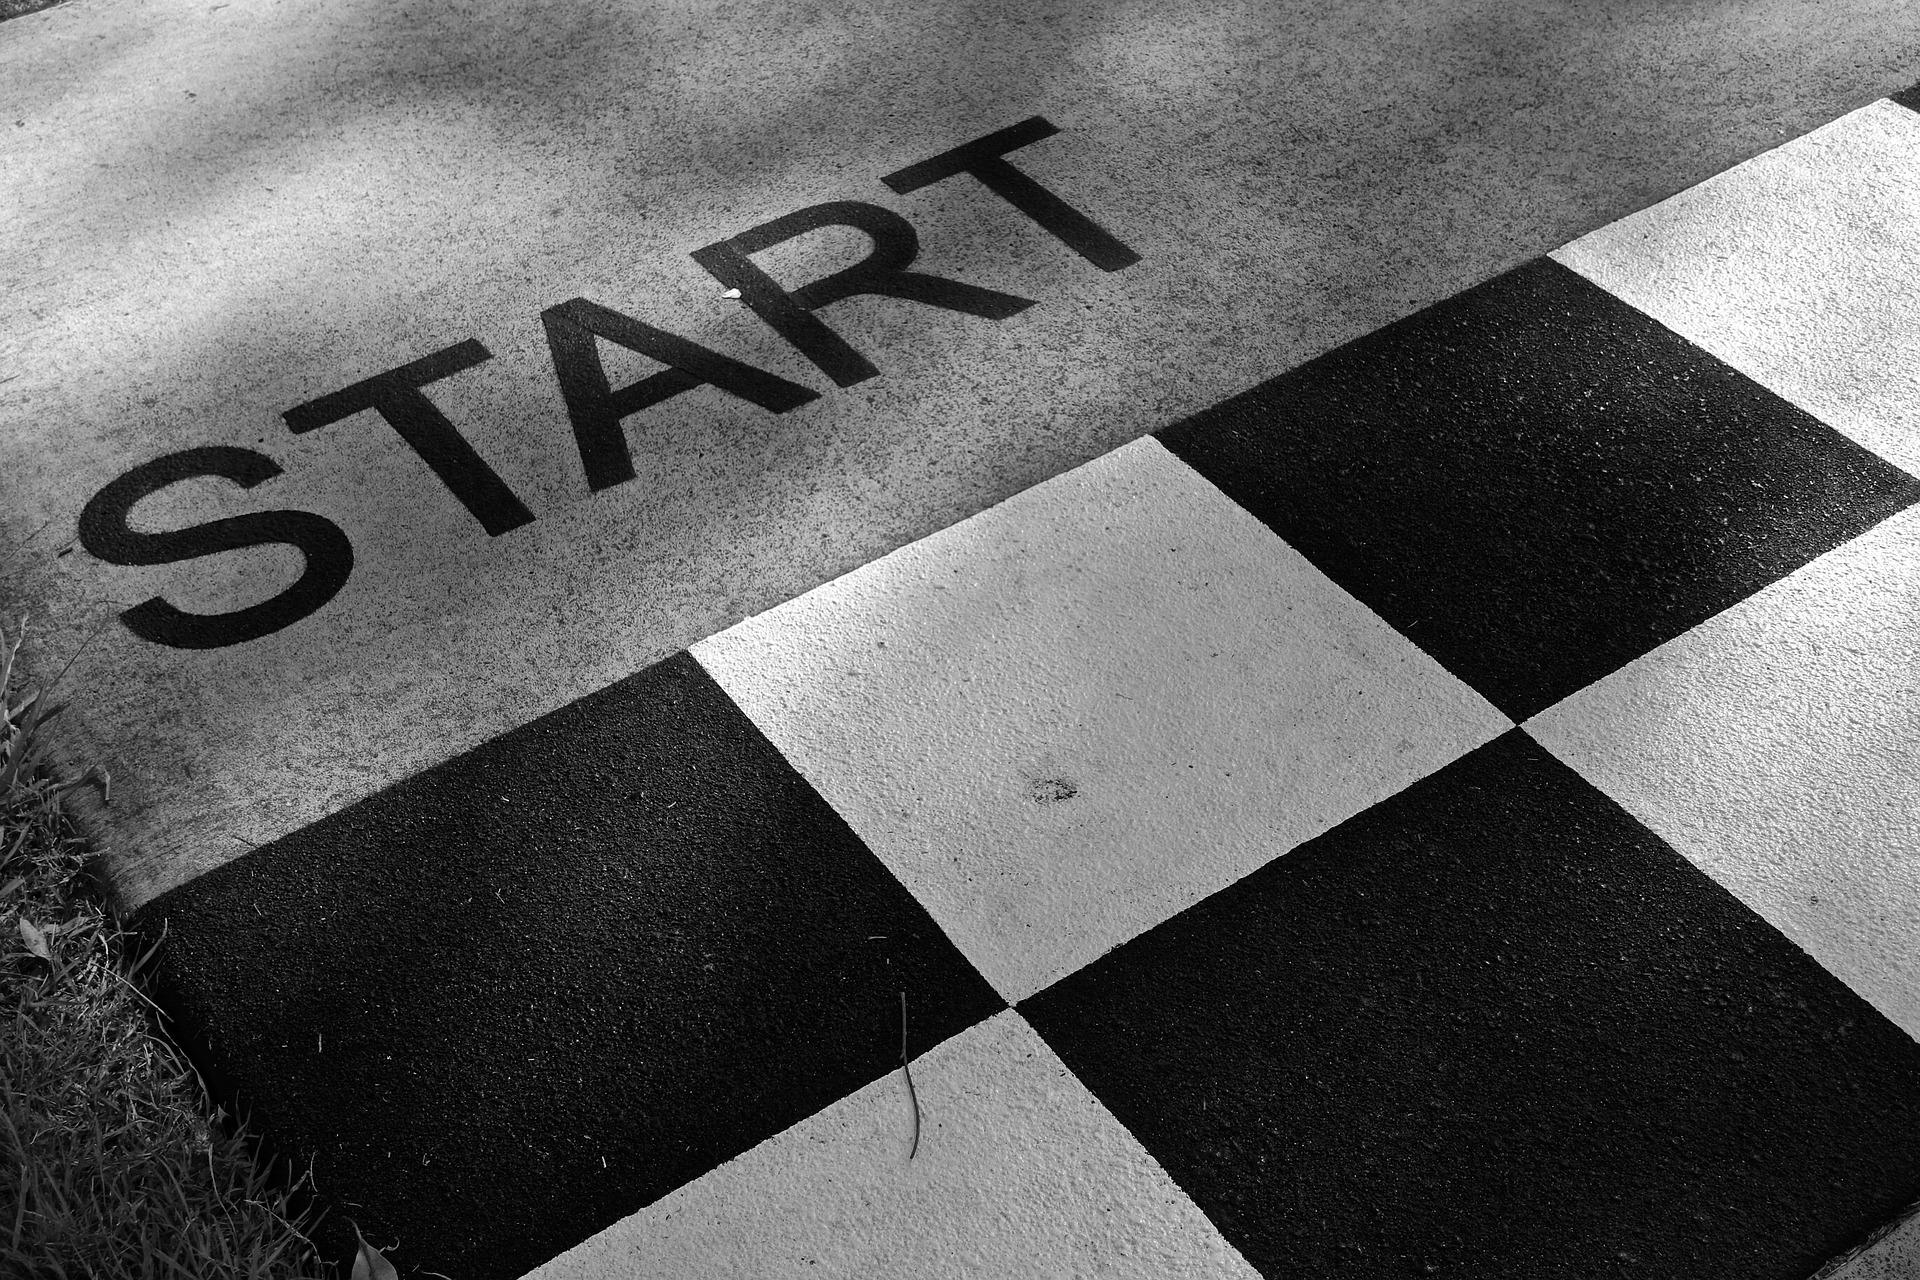 start-1414148_1920.jpg